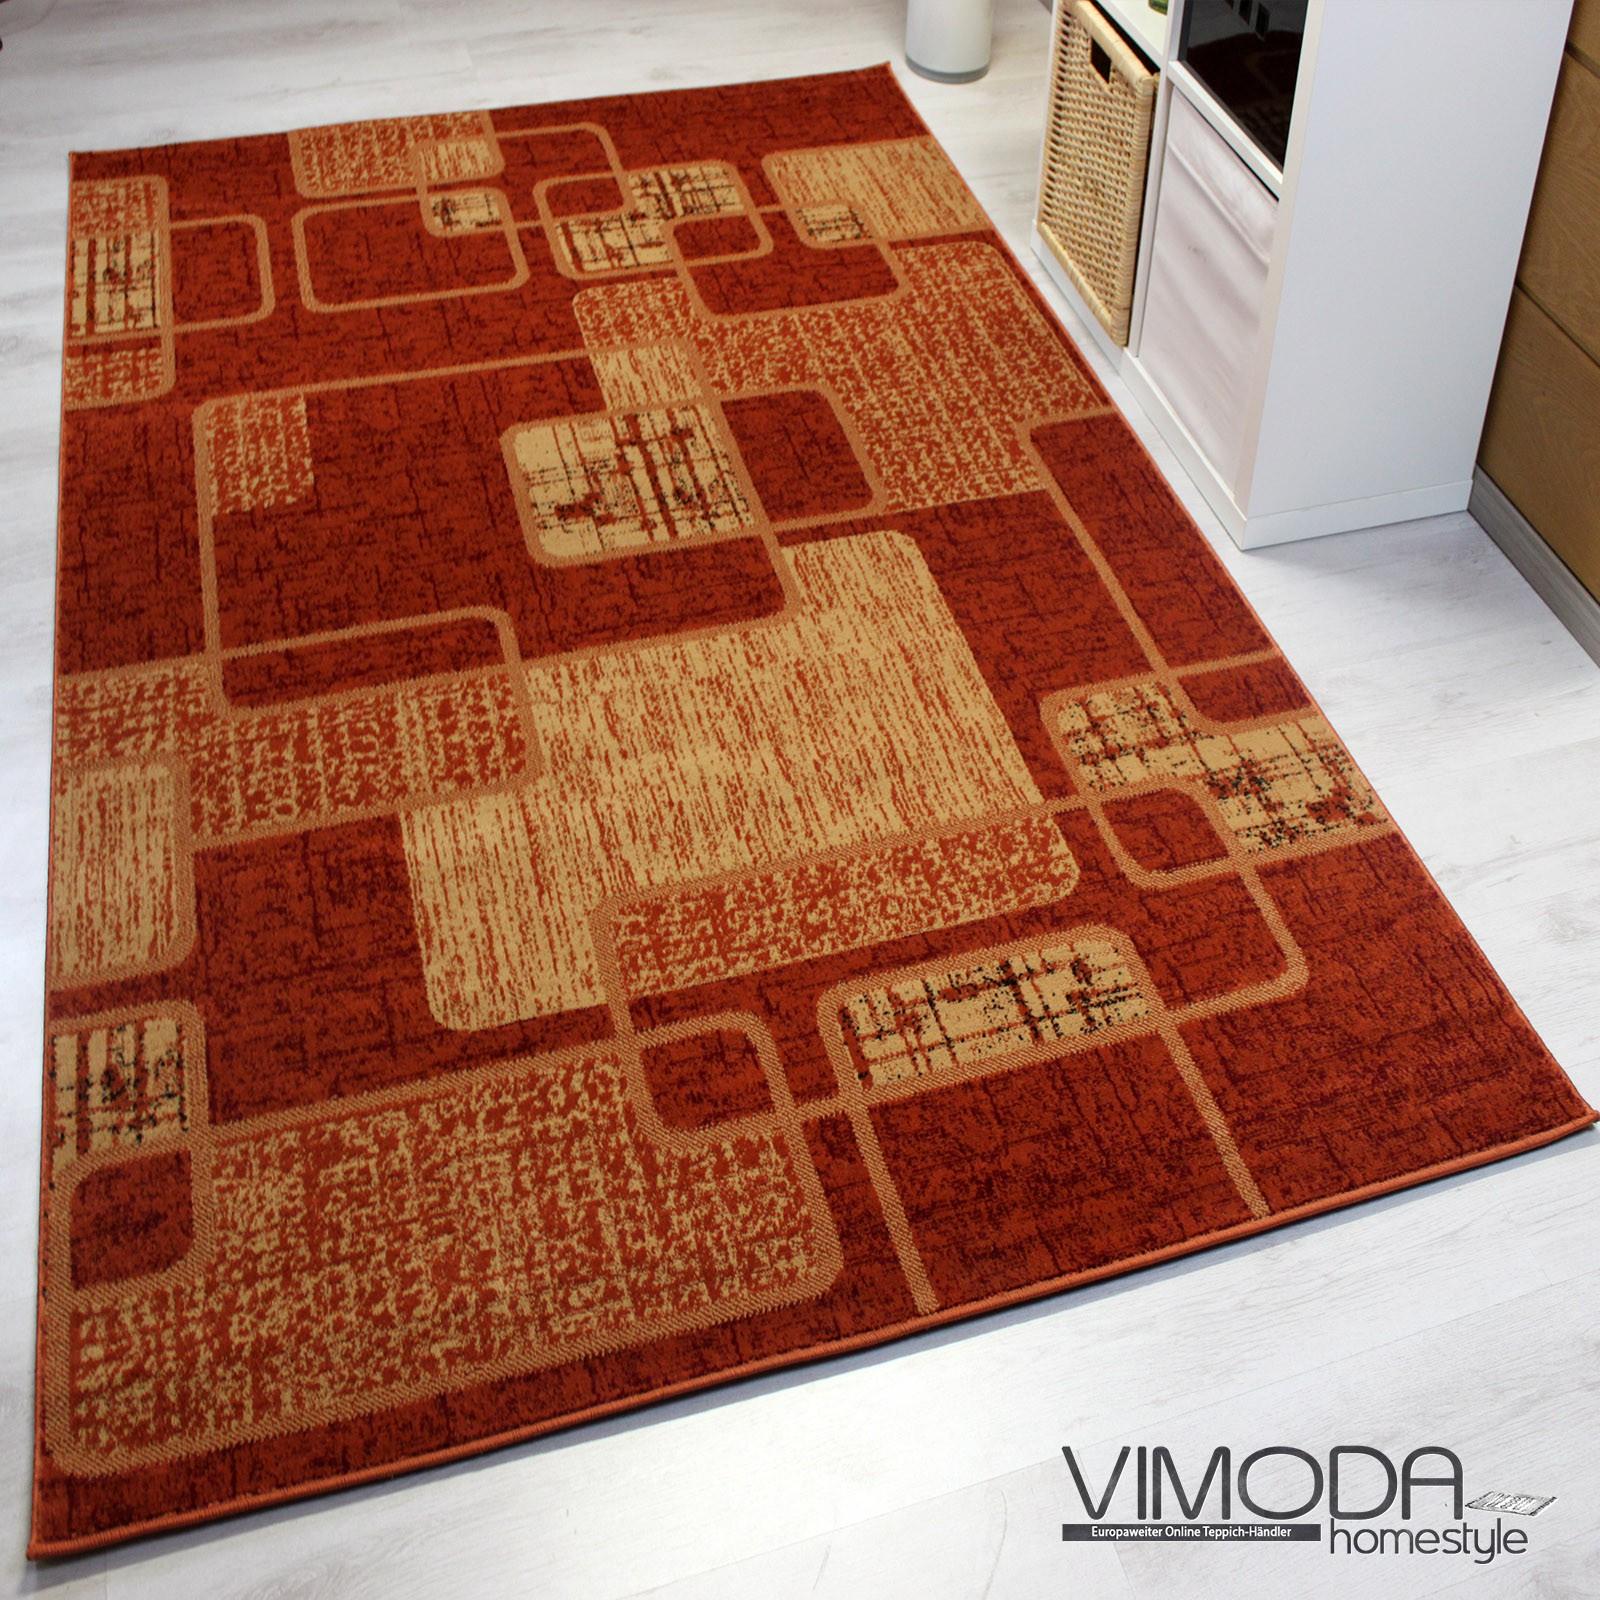 moderner designer heatset teppich retro muster kariert und meliert in orange rot s6704. Black Bedroom Furniture Sets. Home Design Ideas